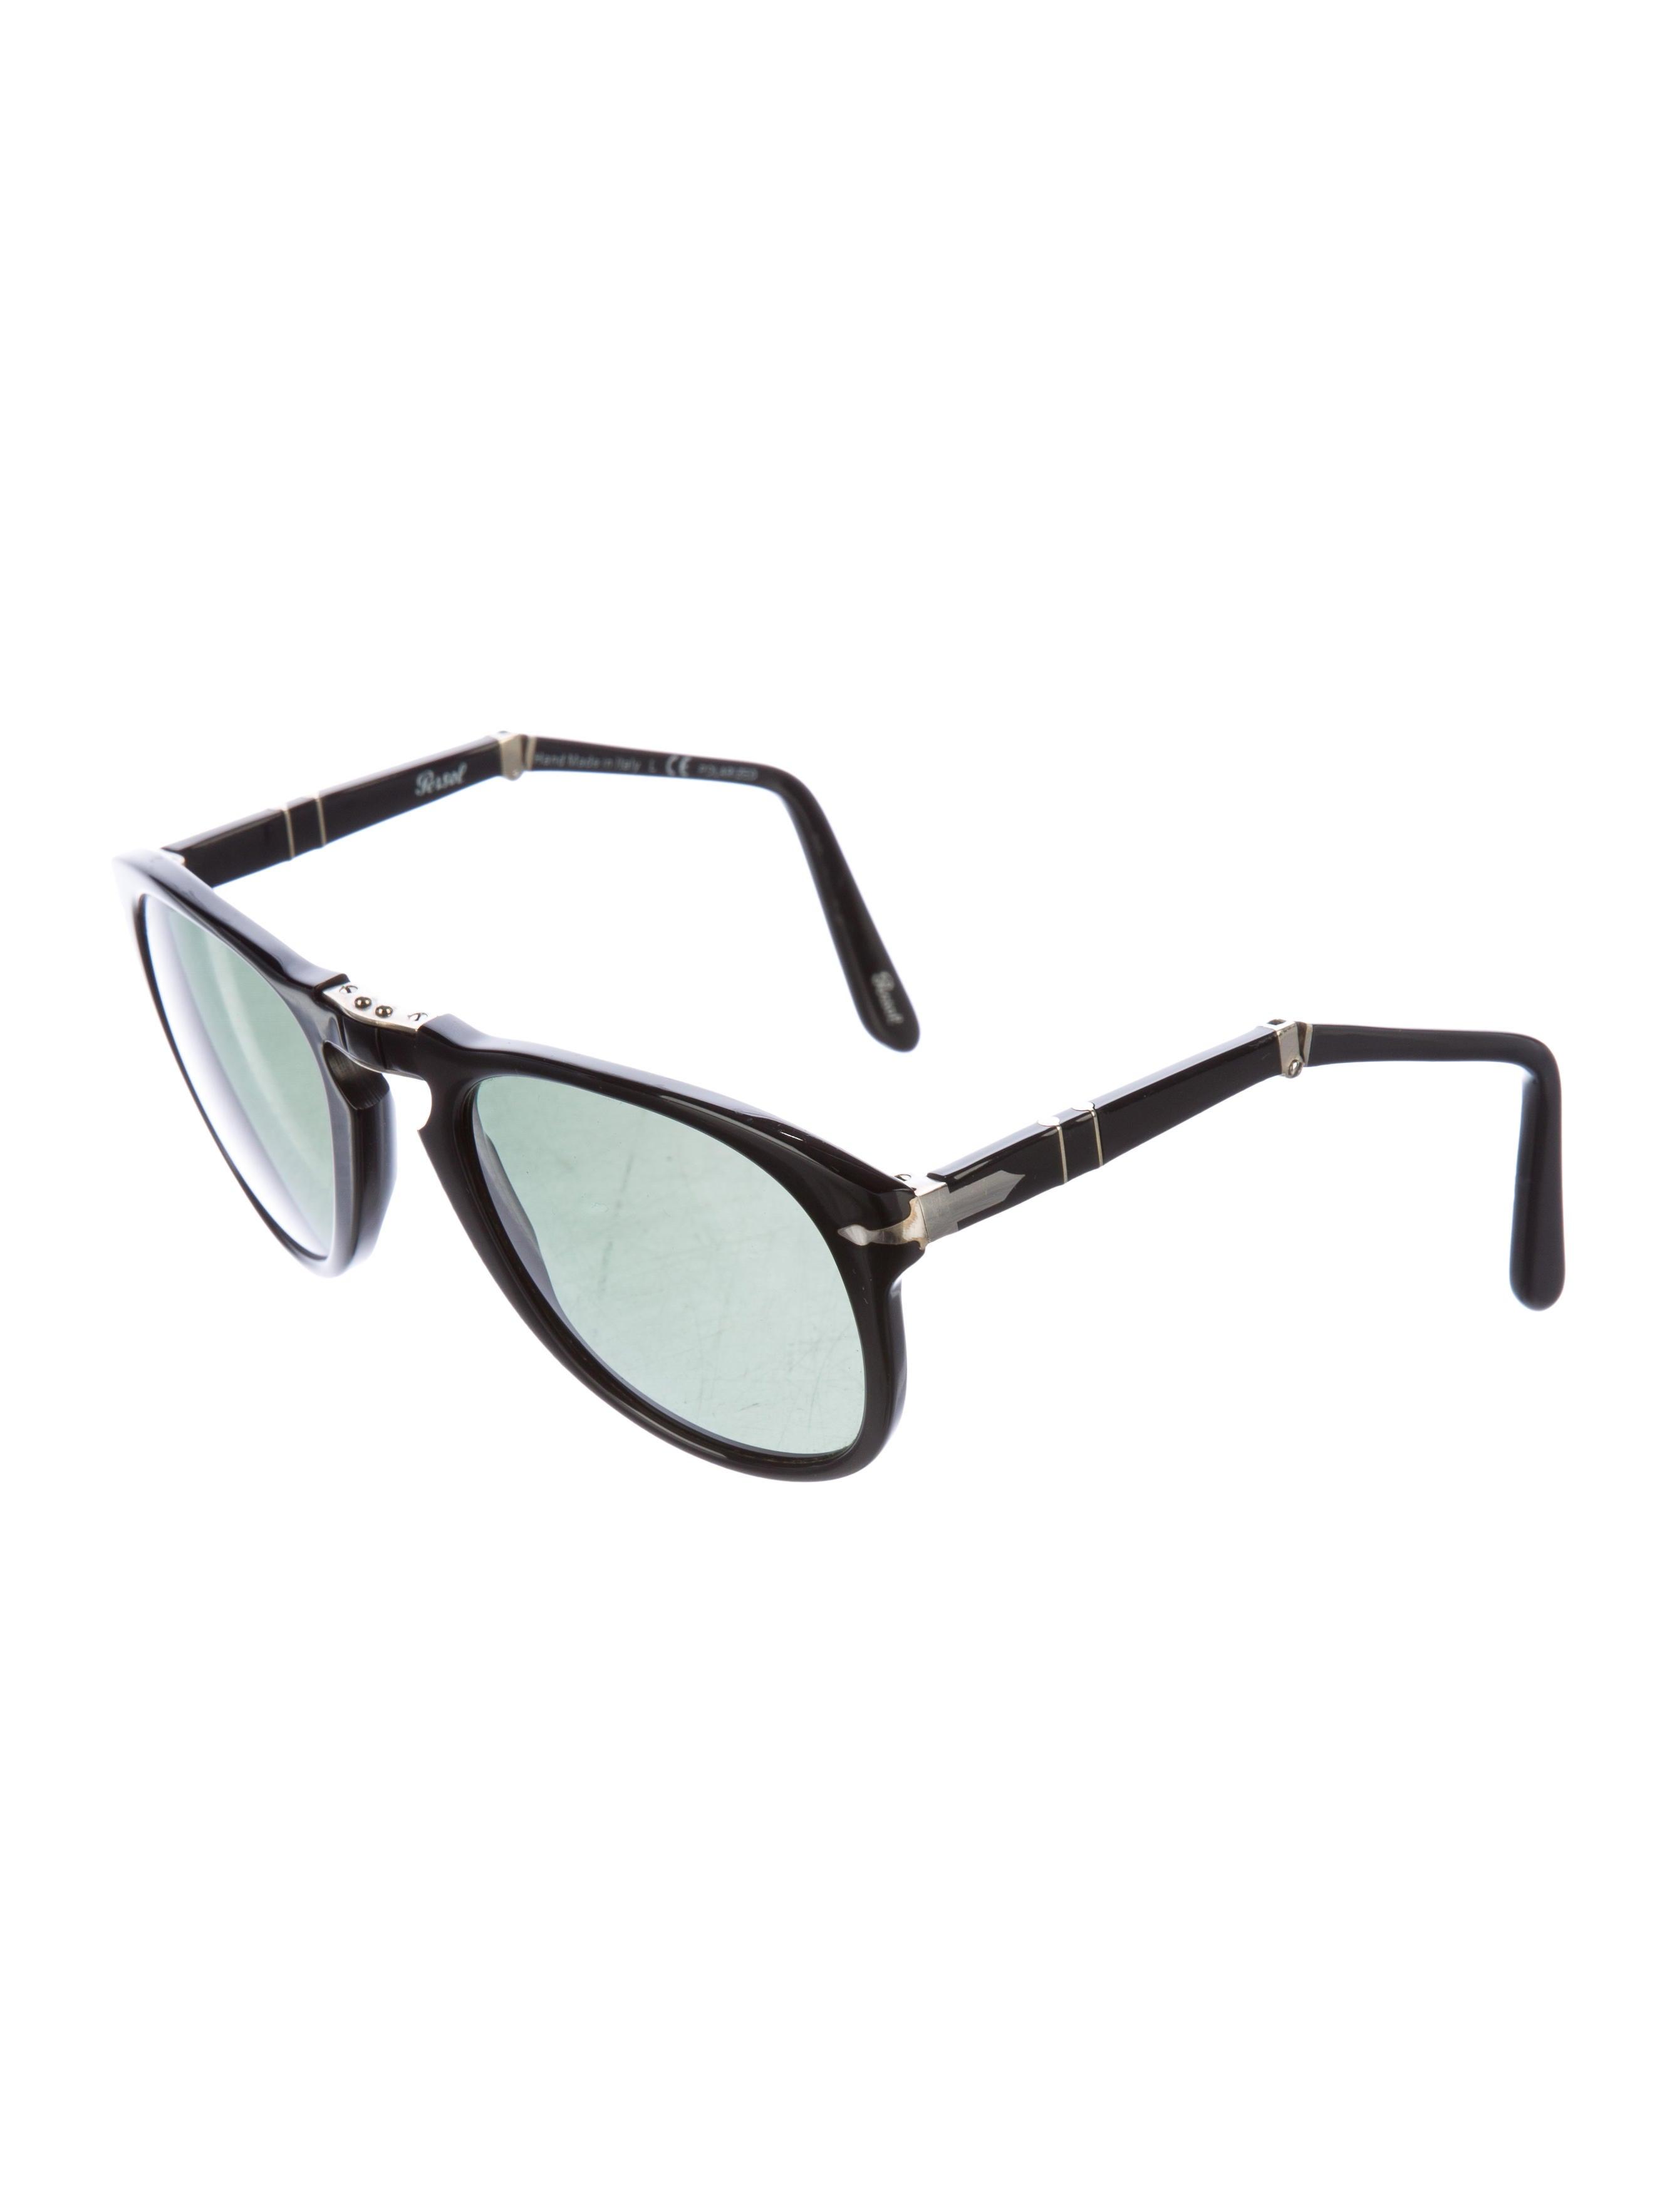 28a817fb72 Persol Women s Polarized Sunglasses